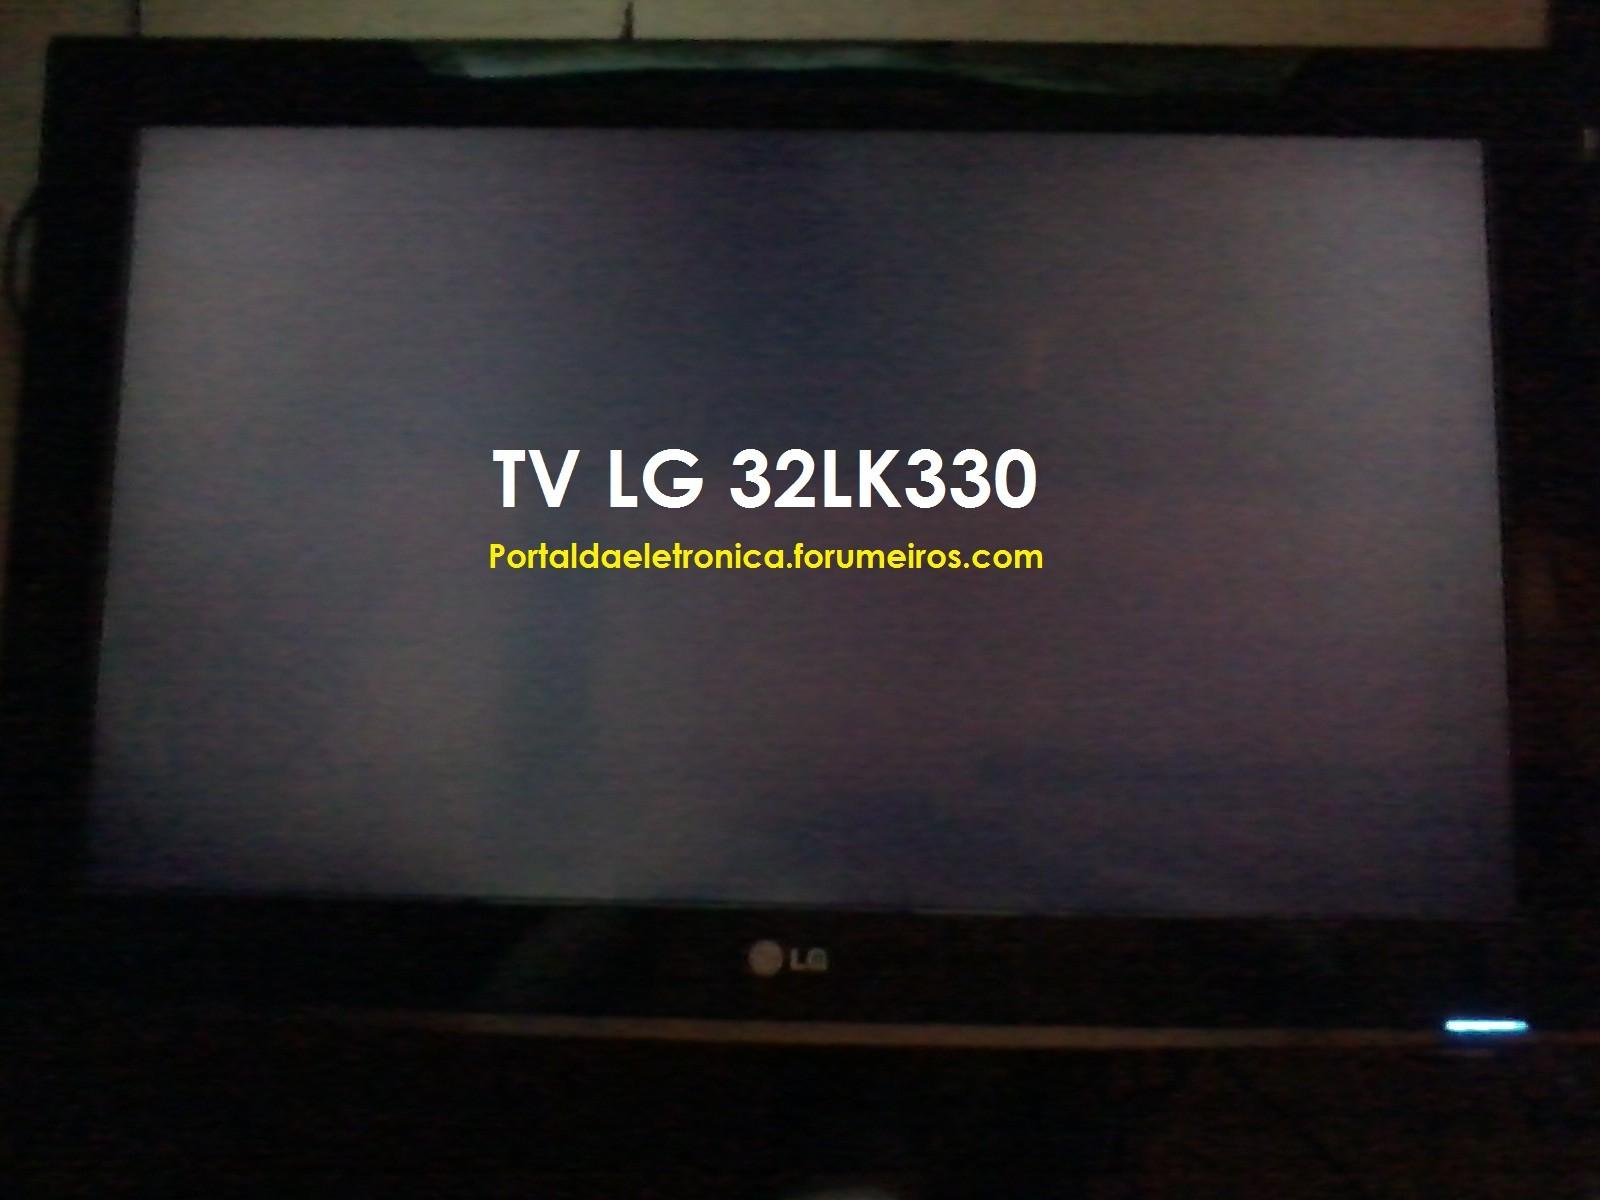 Televisor LG 32LK330 sem imagem. Tv_lg_10